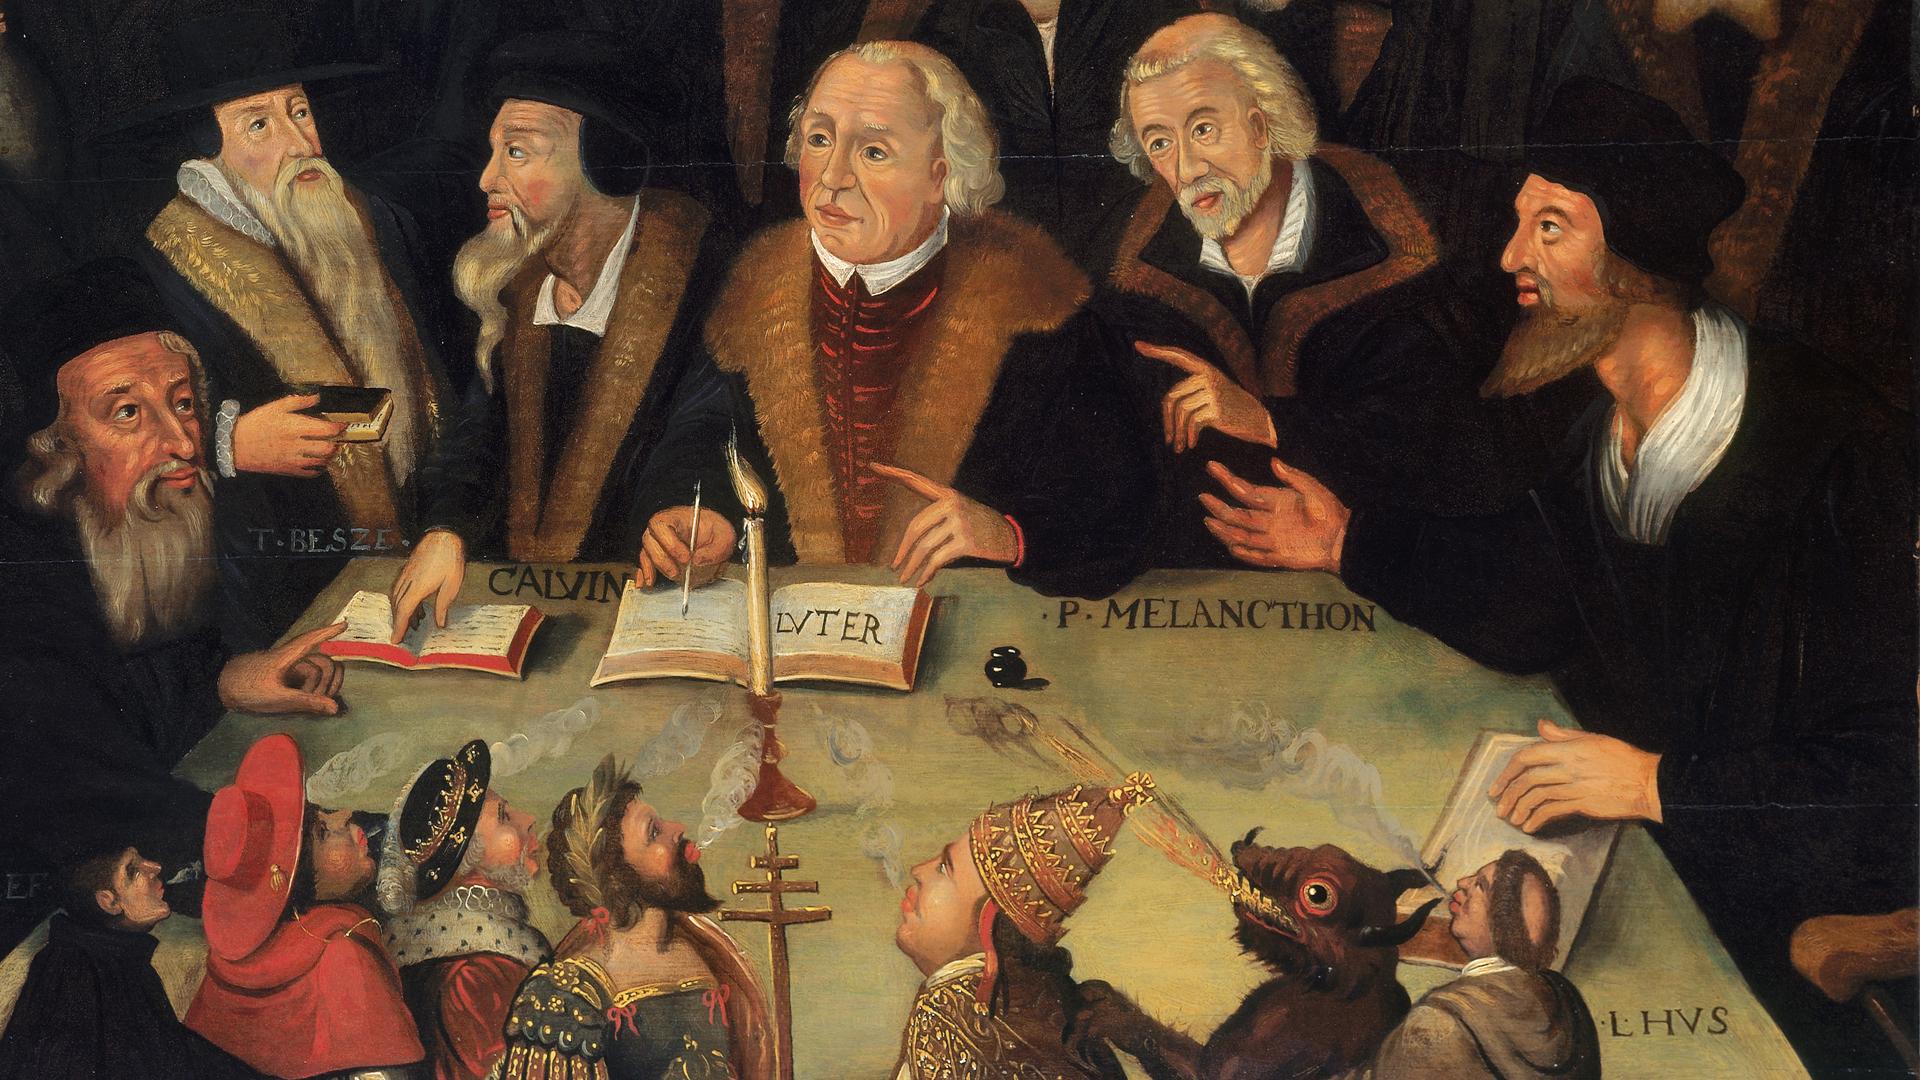 Kunst aus dem 17. Jahrhundert: Luther im Kreise von Reformatoren